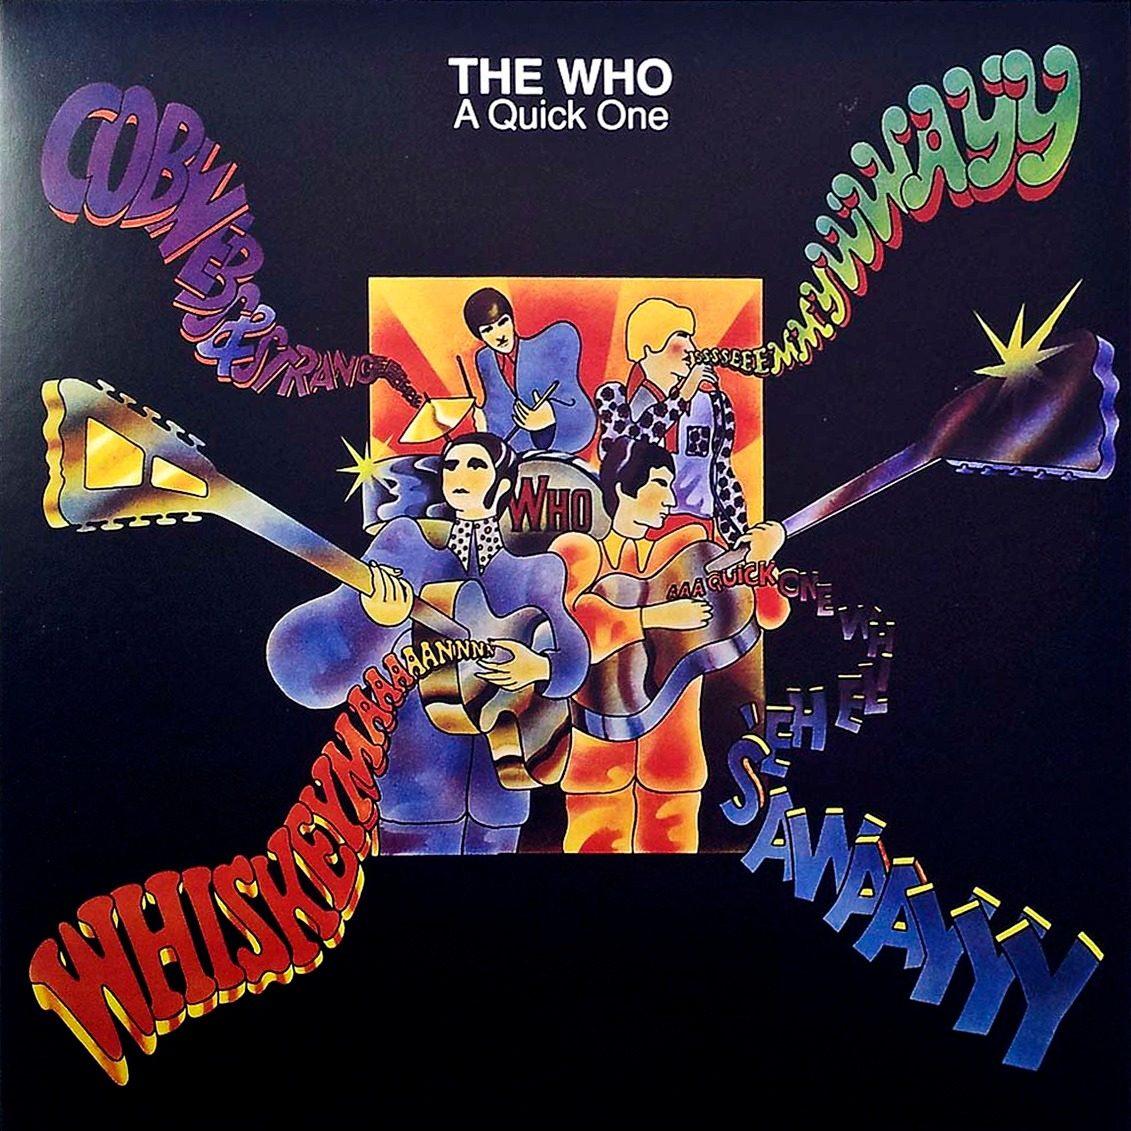 ¿Qué Estás Escuchando? The-who-a-quick-one-vinilo-180-grs-nuevo-y-cerrado-D_NQ_NP_802728-MLA27087300064_032018-F